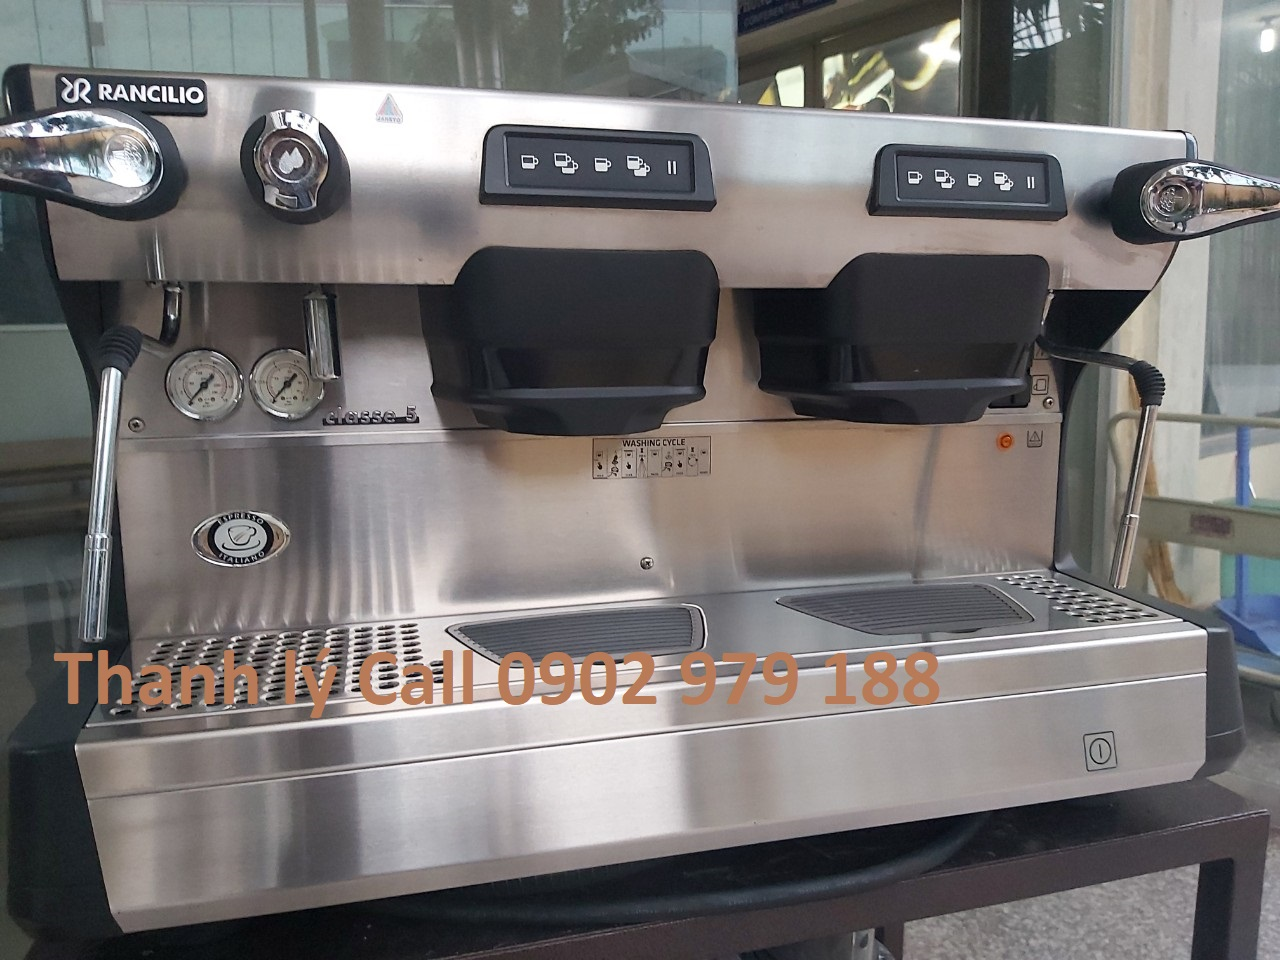 Máy pha cà phê Rancilio cũ 2 group thanh lý giảm gần 50tr.